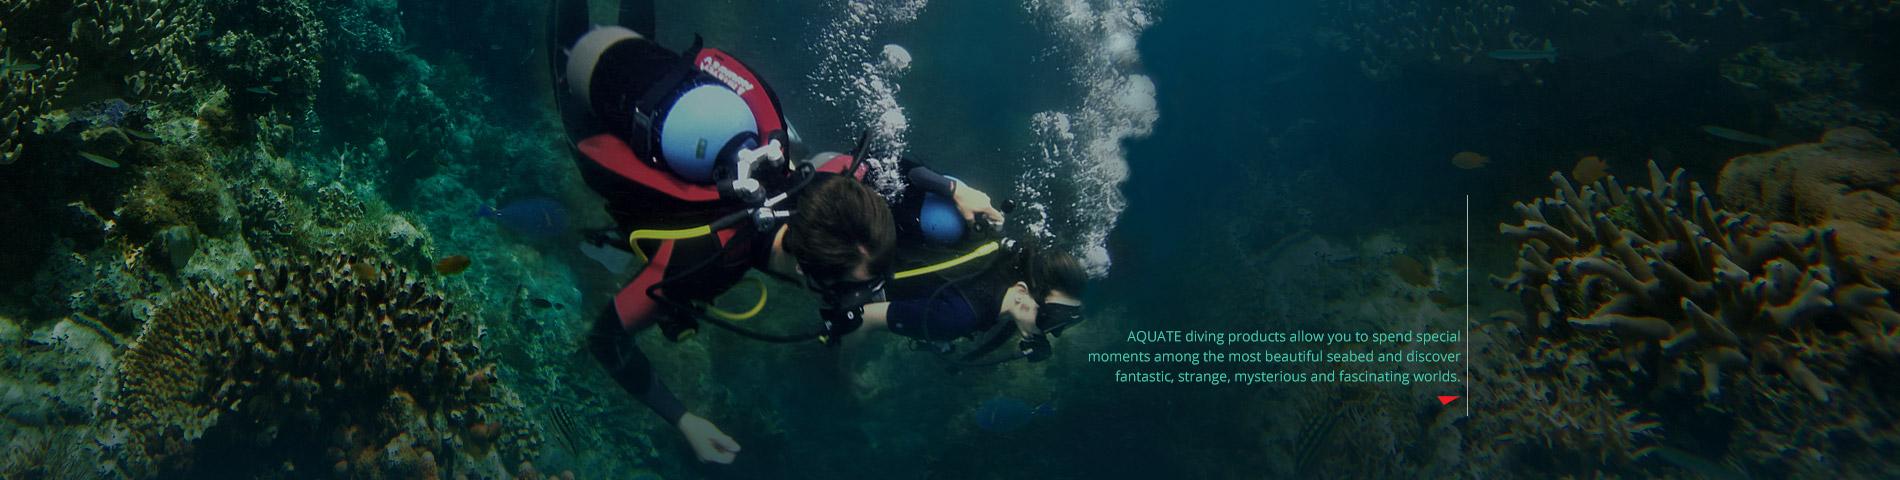 アクアテック 泳いだり探索したりできます 素晴らしく、神秘的で魅力的な水中世界